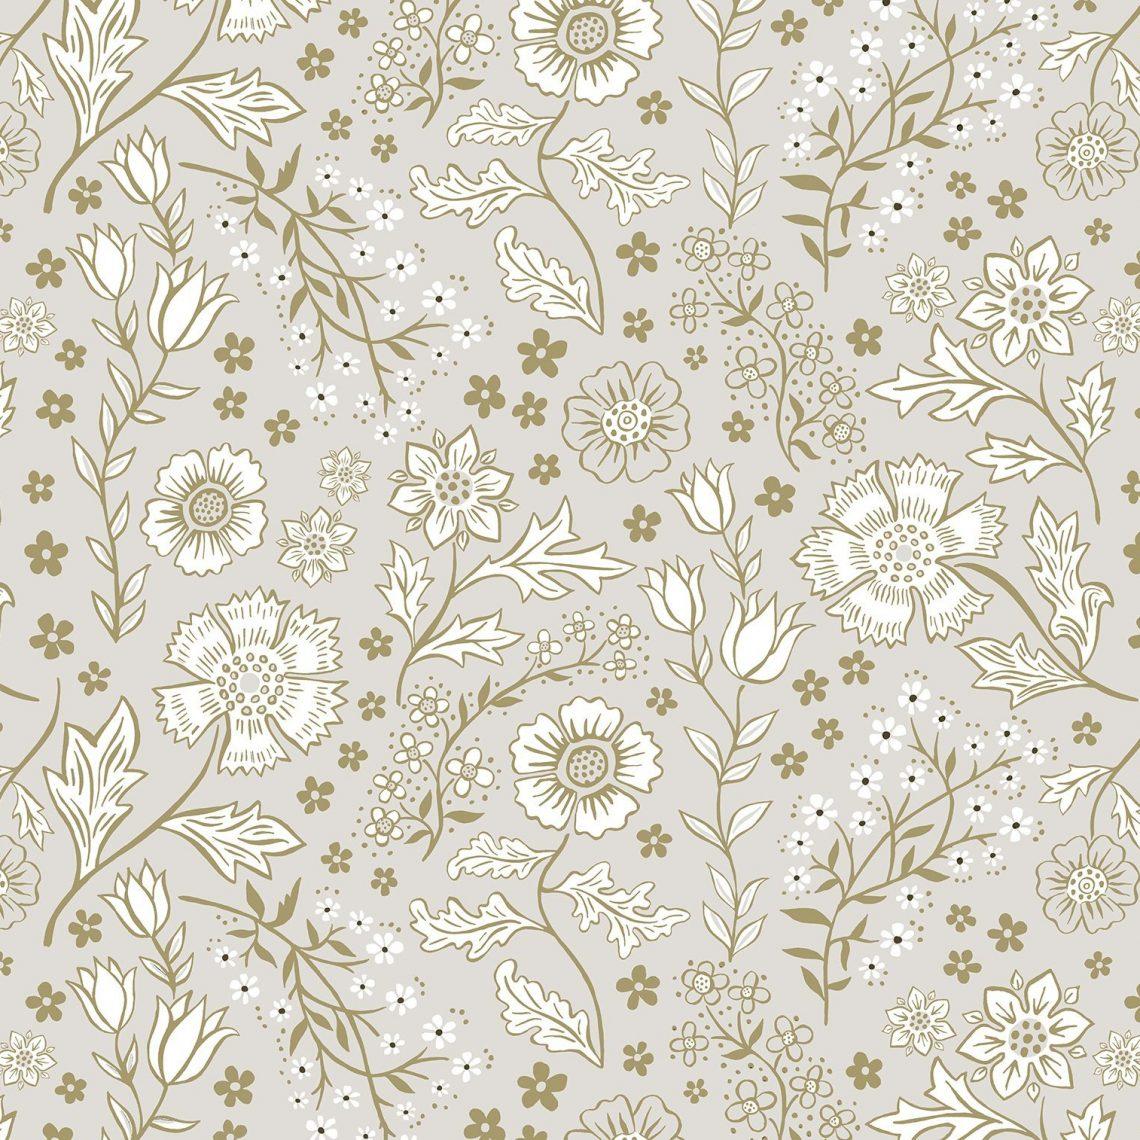 Josie Shenoy Flora Fabric - Natural